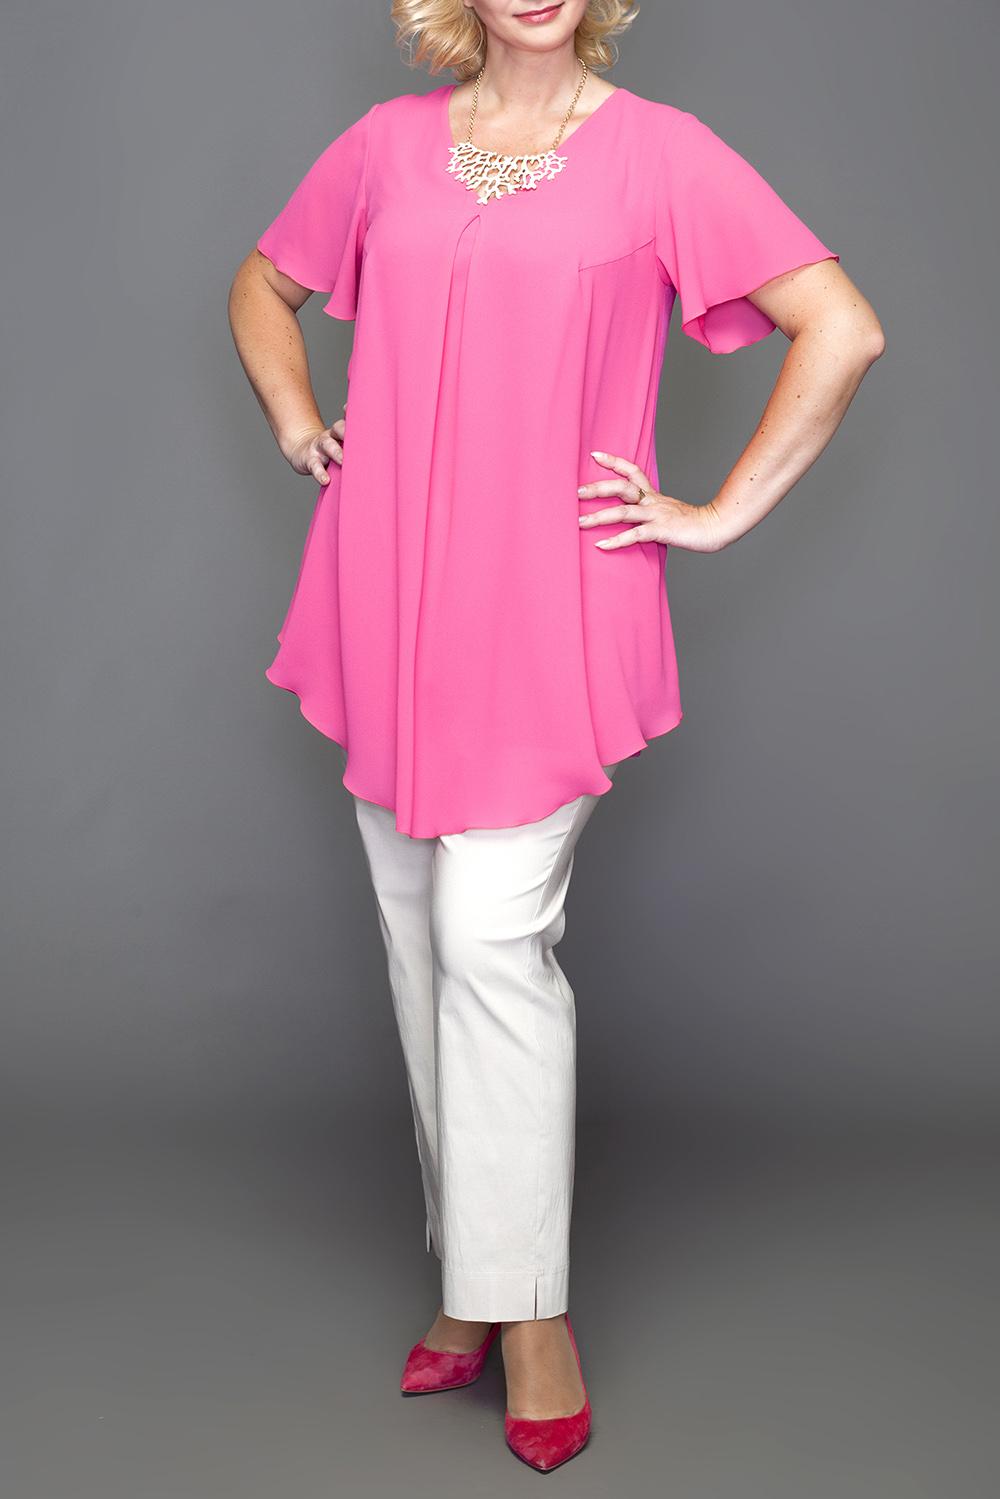 БлузкаБлузки<br>Удлиненная блузка с фигурным подолом. Модель выполнена из приятного материала. Отличный выбор для любого случая. Блузка без броши.  В изделии использованы цвета: розовый  Ростовка изделия 170 см.  Параметры размеров: 48 размер - обхват груди 100 см., обхват талии 84 см., обхват бедер 108 см. 50 размер - обхват груди 104 см., обхват талии 89 см., обхват бедер 112 см. 52 размер - обхват груди 108 см., обхват талии 94 см., обхват бедер 116 см. 54 размер - обхват груди 112 см., обхват талии 99 см., обхват бедер 120 см. 56 размер - обхват груди 116 см., обхват талии 104 см., обхват бедер 124 см. 58 размер - обхват груди 120 см., обхват талии 109 см., обхват бедер 128 см. 60 размер - обхват груди 124 см., обхват талии 114 см., обхват бедер 132 см. 62 размер - обхват груди 128 см., обхват талии 119 см., обхват бедер 136 см. 64 размер - обхват груди 132 см., обхват талии 124 см., обхват бедер 140 см. 66 размер - обхват груди 136 см., обхват талии 129 см., обхват бедер 144 см. 68 размер - обхват груди 140 см., обхват талии 134 см., обхват бедер 148 см. 70 размер - обхват груди 144 см., обхват талии 139 см., обхват бедер 152 см. 72 размер - обхват груди 148 см., обхват талии 144 см., обхват бедер 156 см. 74 размер - обхват груди 152 см., обхват талии 149 см., обхват бедер 160 см. 76 размер - обхват груди 156 см., обхват талии 154 см., обхват бедер 164 см.<br><br>Горловина: С- горловина<br>По материалу: Тканевые<br>По рисунку: Однотонные<br>По сезону: Весна,Зима,Лето,Осень,Всесезон<br>По силуэту: Прямые<br>По стилю: Нарядный стиль,Повседневный стиль<br>По элементам: С фигурным низом<br>Рукав: Короткий рукав<br>Размер : 50,54,56,60,64,66,68<br>Материал: Блузочная ткань<br>Количество в наличии: 7